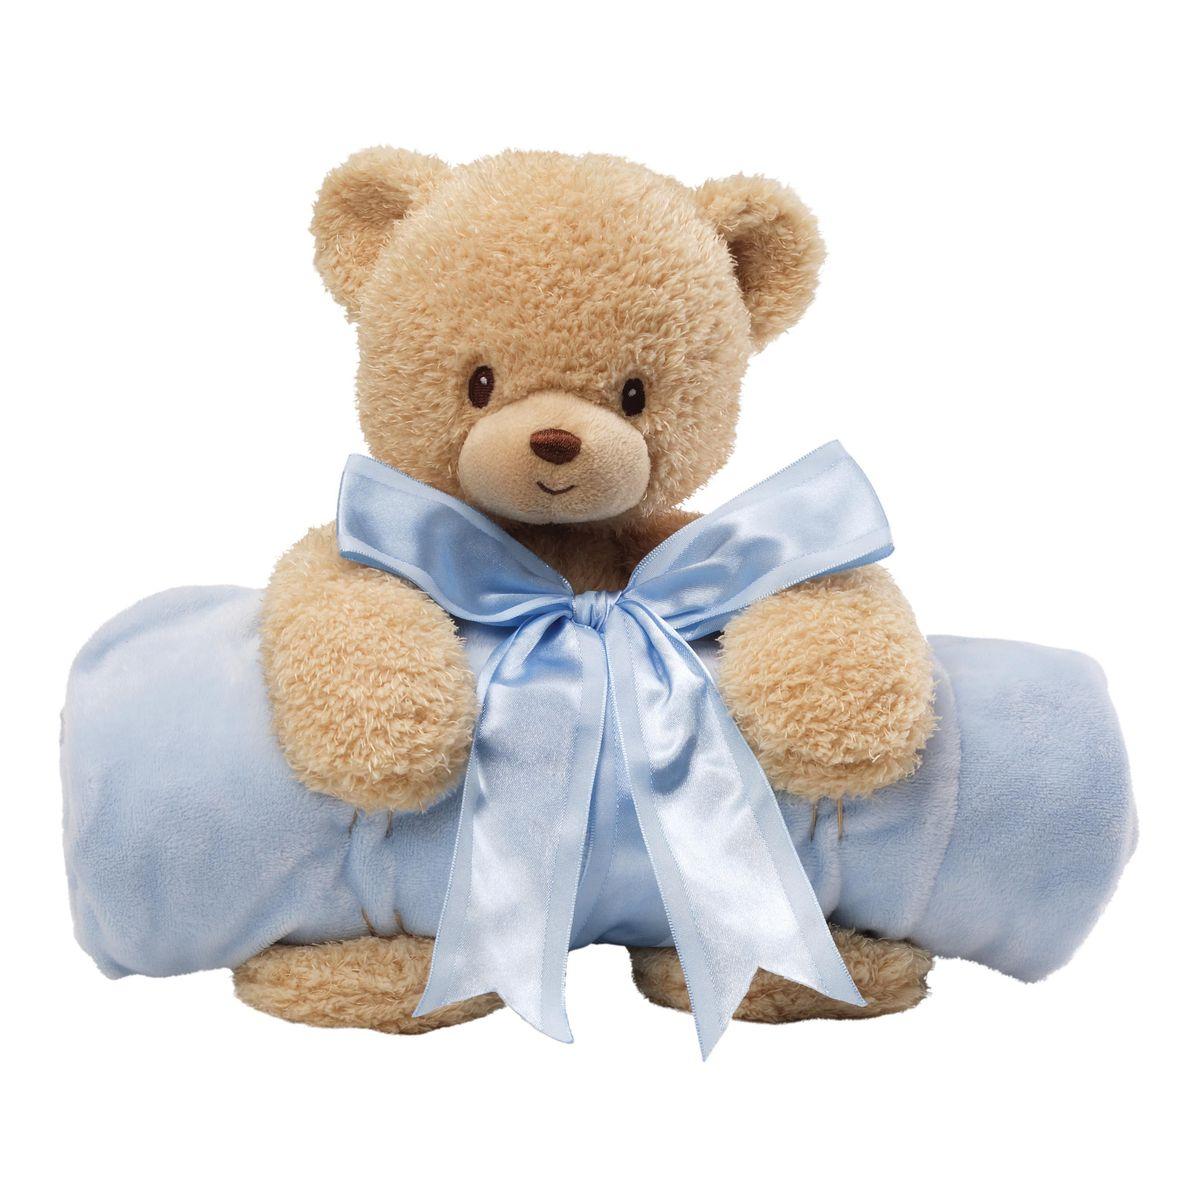 Gund Мягкая игрушка в наборе с полотенцем Мишка цвет голубой4034094Милые, мягкие и безопасные, игрушки фирмы Gund отличаются реалистичным внешним видом, напоминающим настоящего питомца. Только посмотрите на эту милую мордашку, которая так приветливо смотрит на вас. Разве можно устоять перед её обаянием? Конечно нет, да и не нужно! Такая игрушка вызывает умиление не только у детей , но и у взрослых. Поэтому она станет отличным подарком не только ребёнку, но и друзьям!